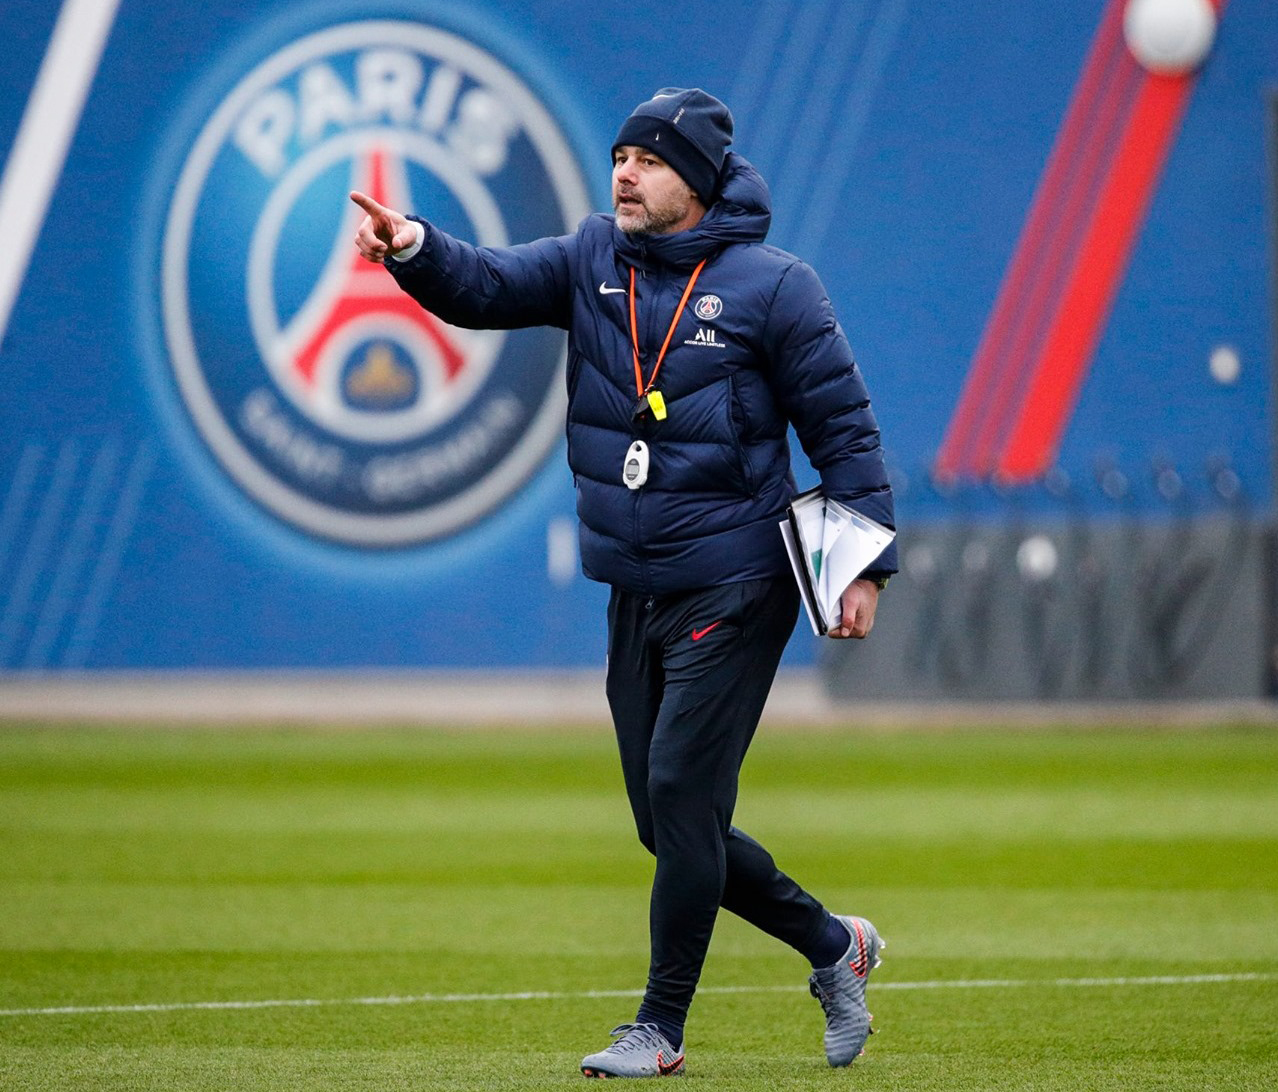 بوتشيتينو يرغب في إعادة نجم مانشستر يونايتد الى البطولة الفرنسية